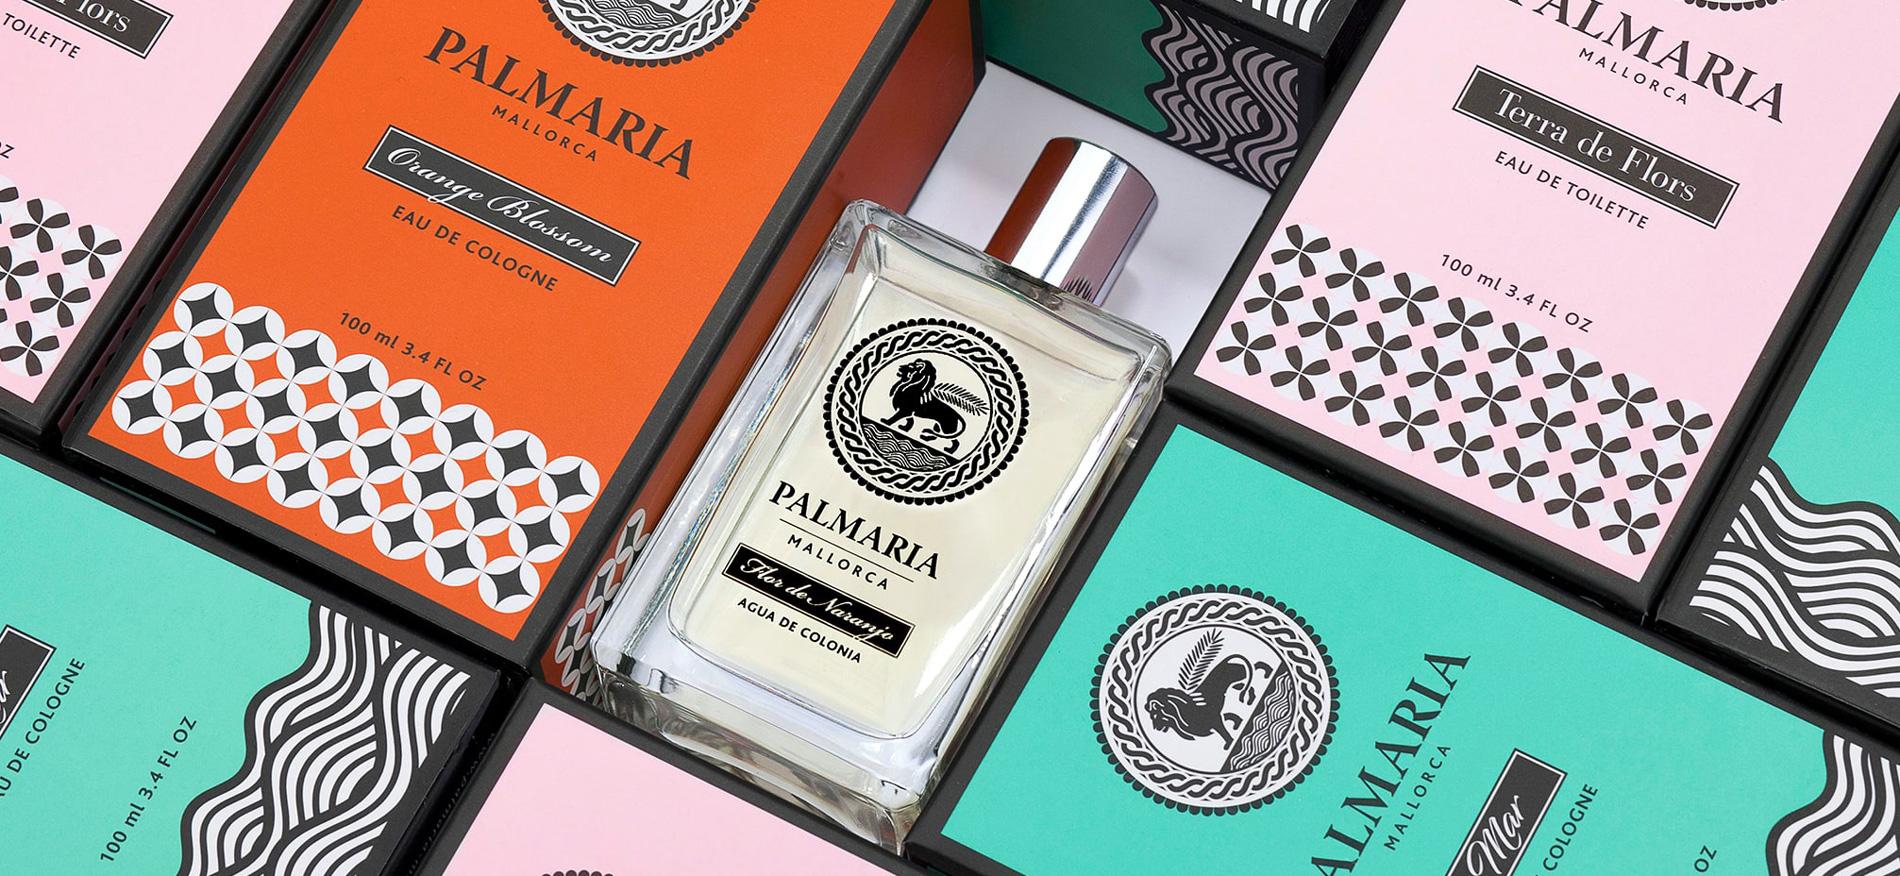 Palmaria Mallorca - the essence of Mallorca